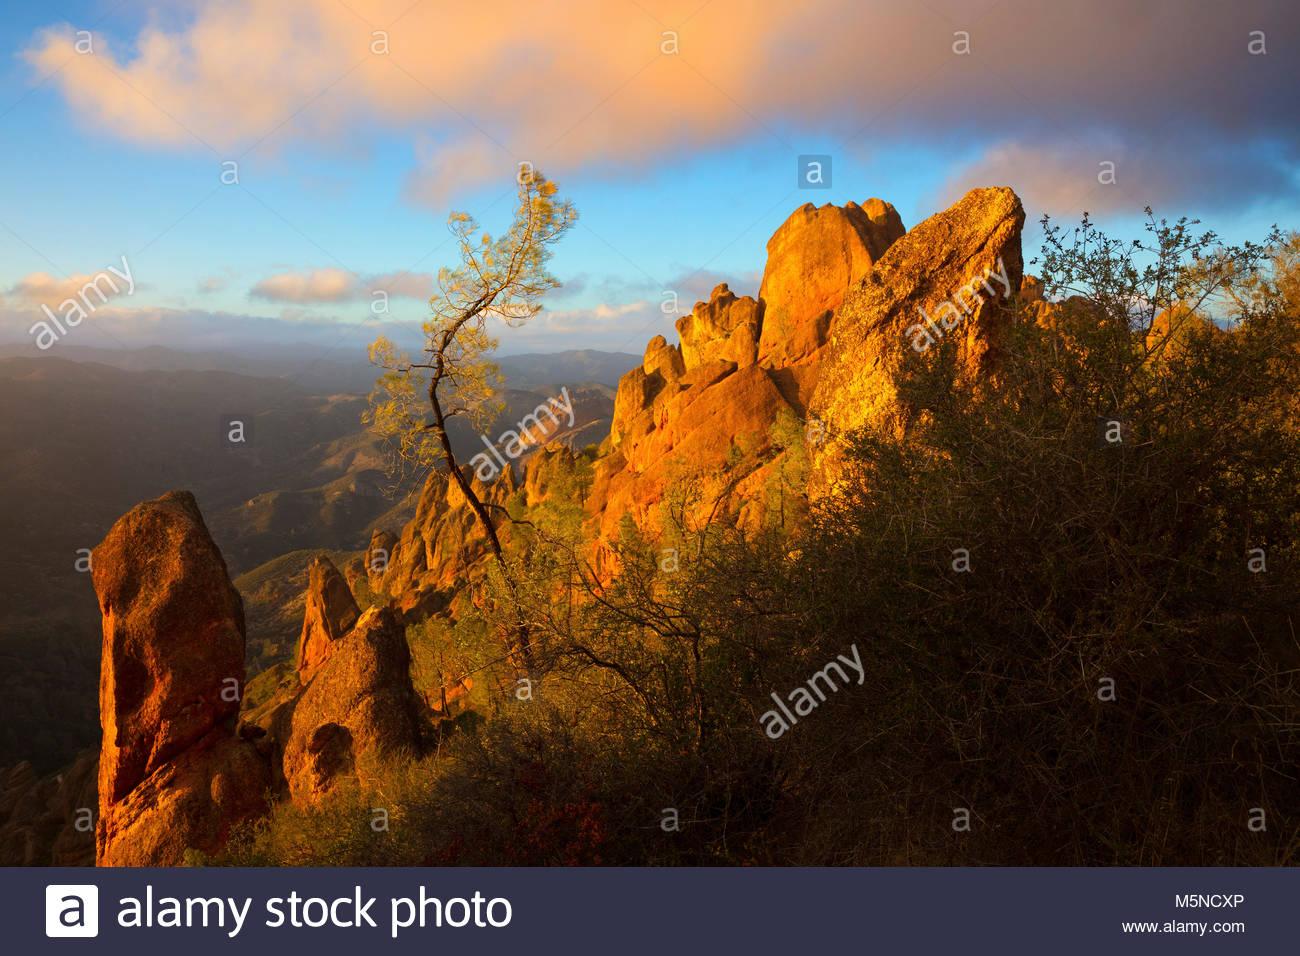 La luce dorata del tramonto mette in evidenza il duro ambiente in prossimità del vertice dei picchi elevati Immagini Stock